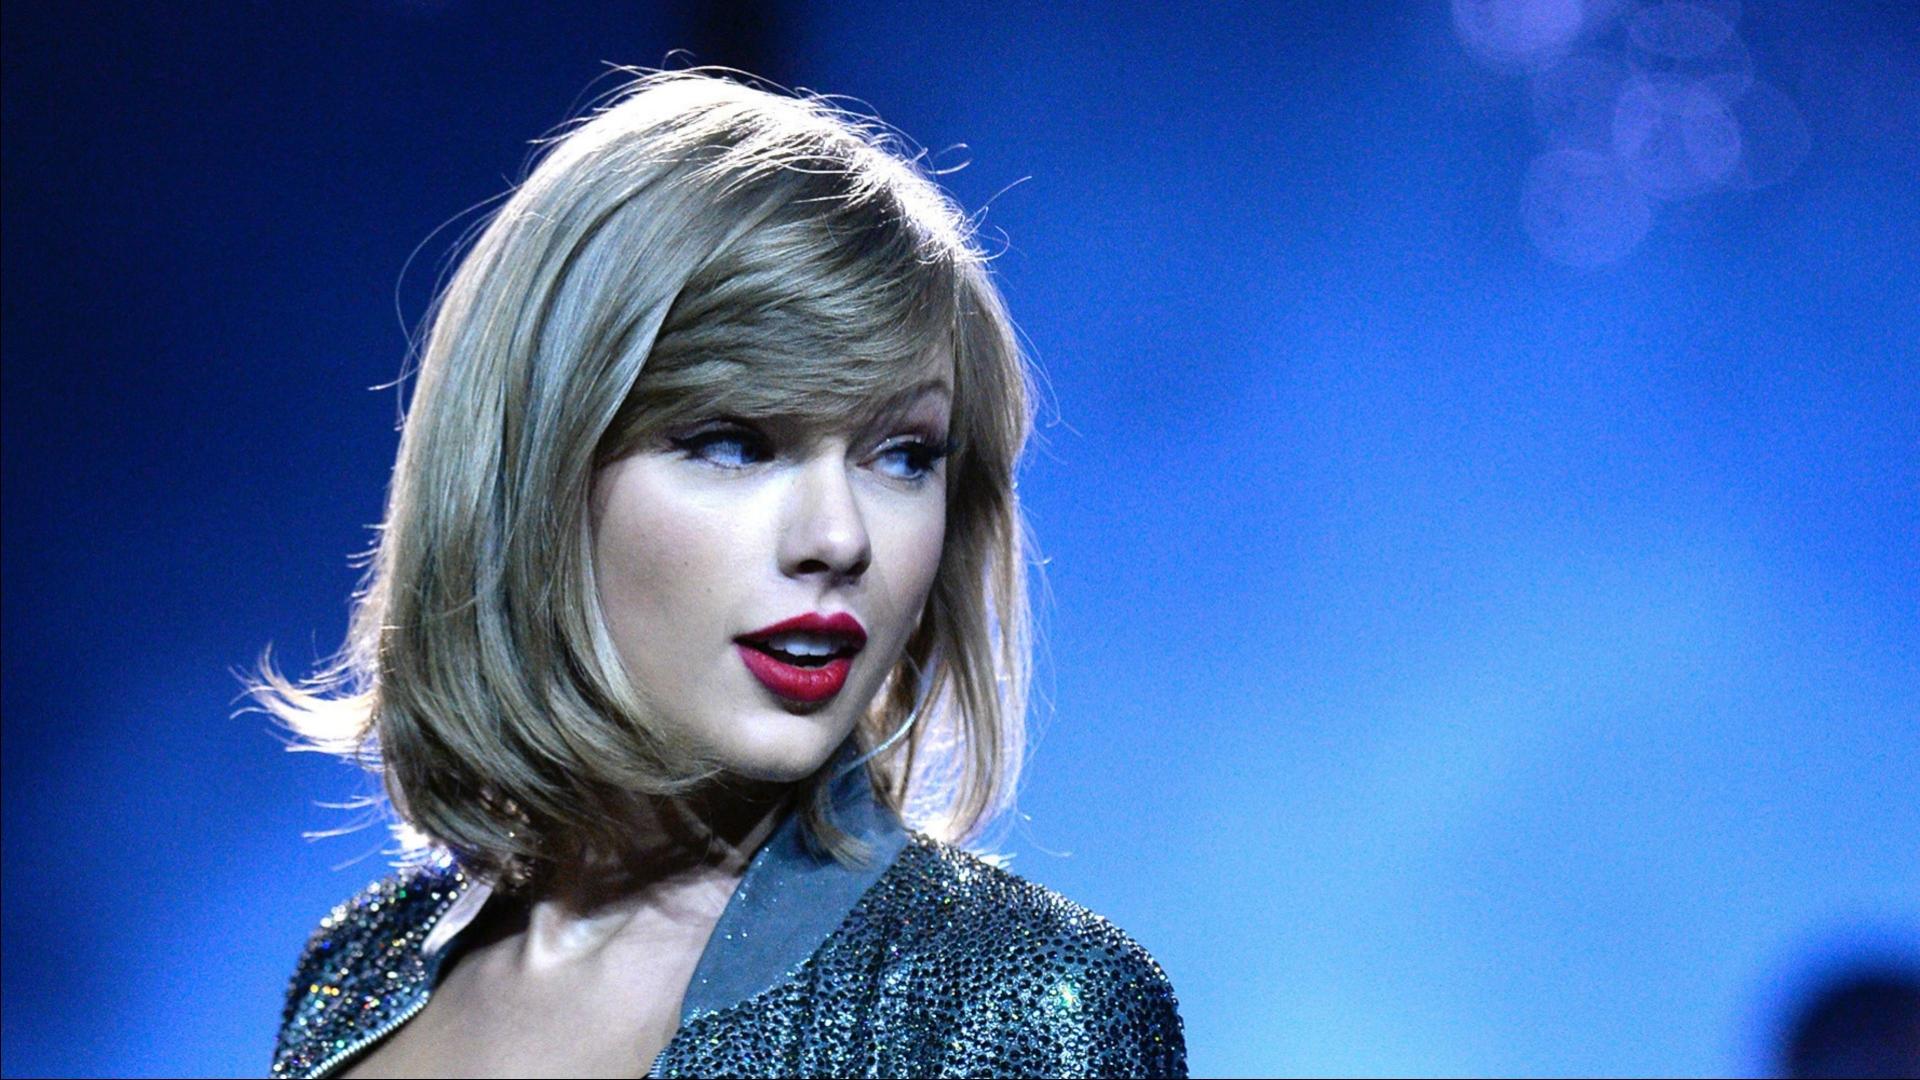 Taylor, ma non sarà che sei un po' stronza?